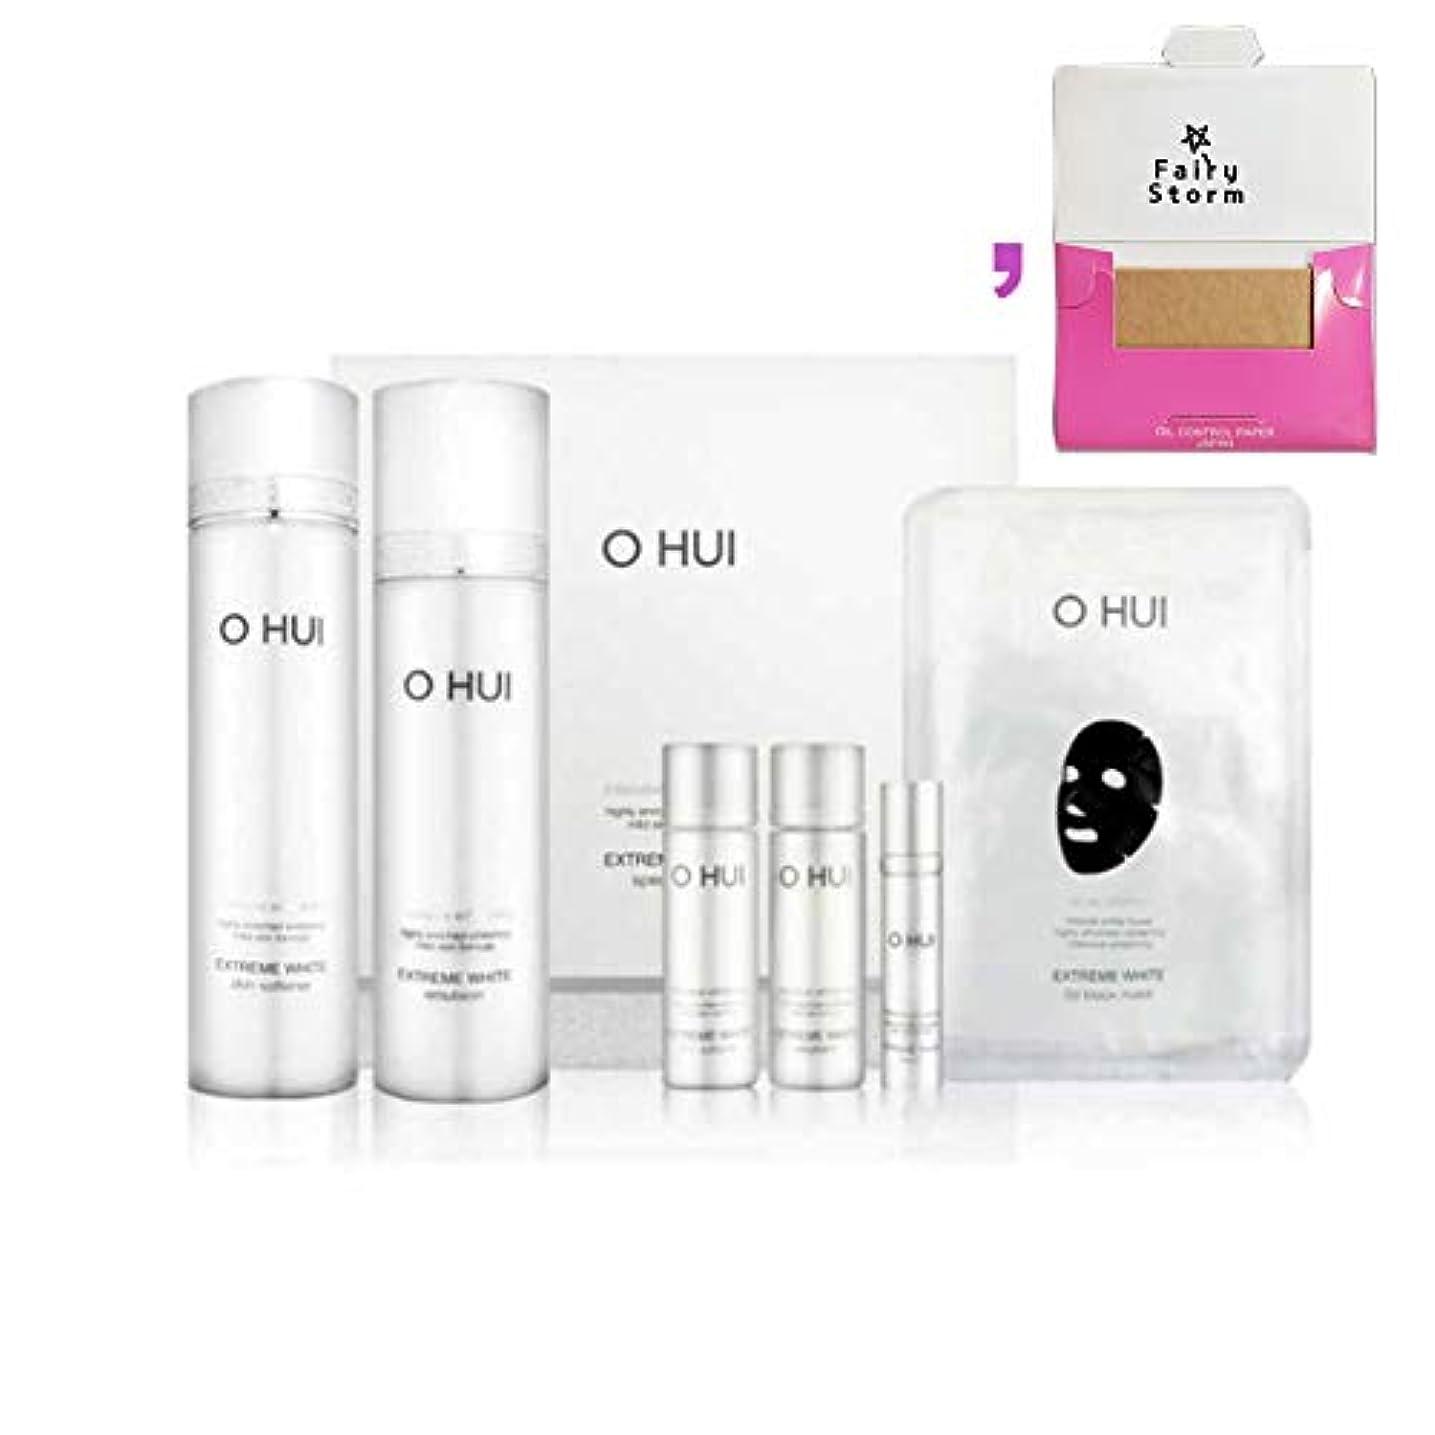 OHUI/オフィ エクストリームホワイト 2種企画セット /OHUI EXTREME WHITE SET set+ [Sample Gift ](海外直送品)